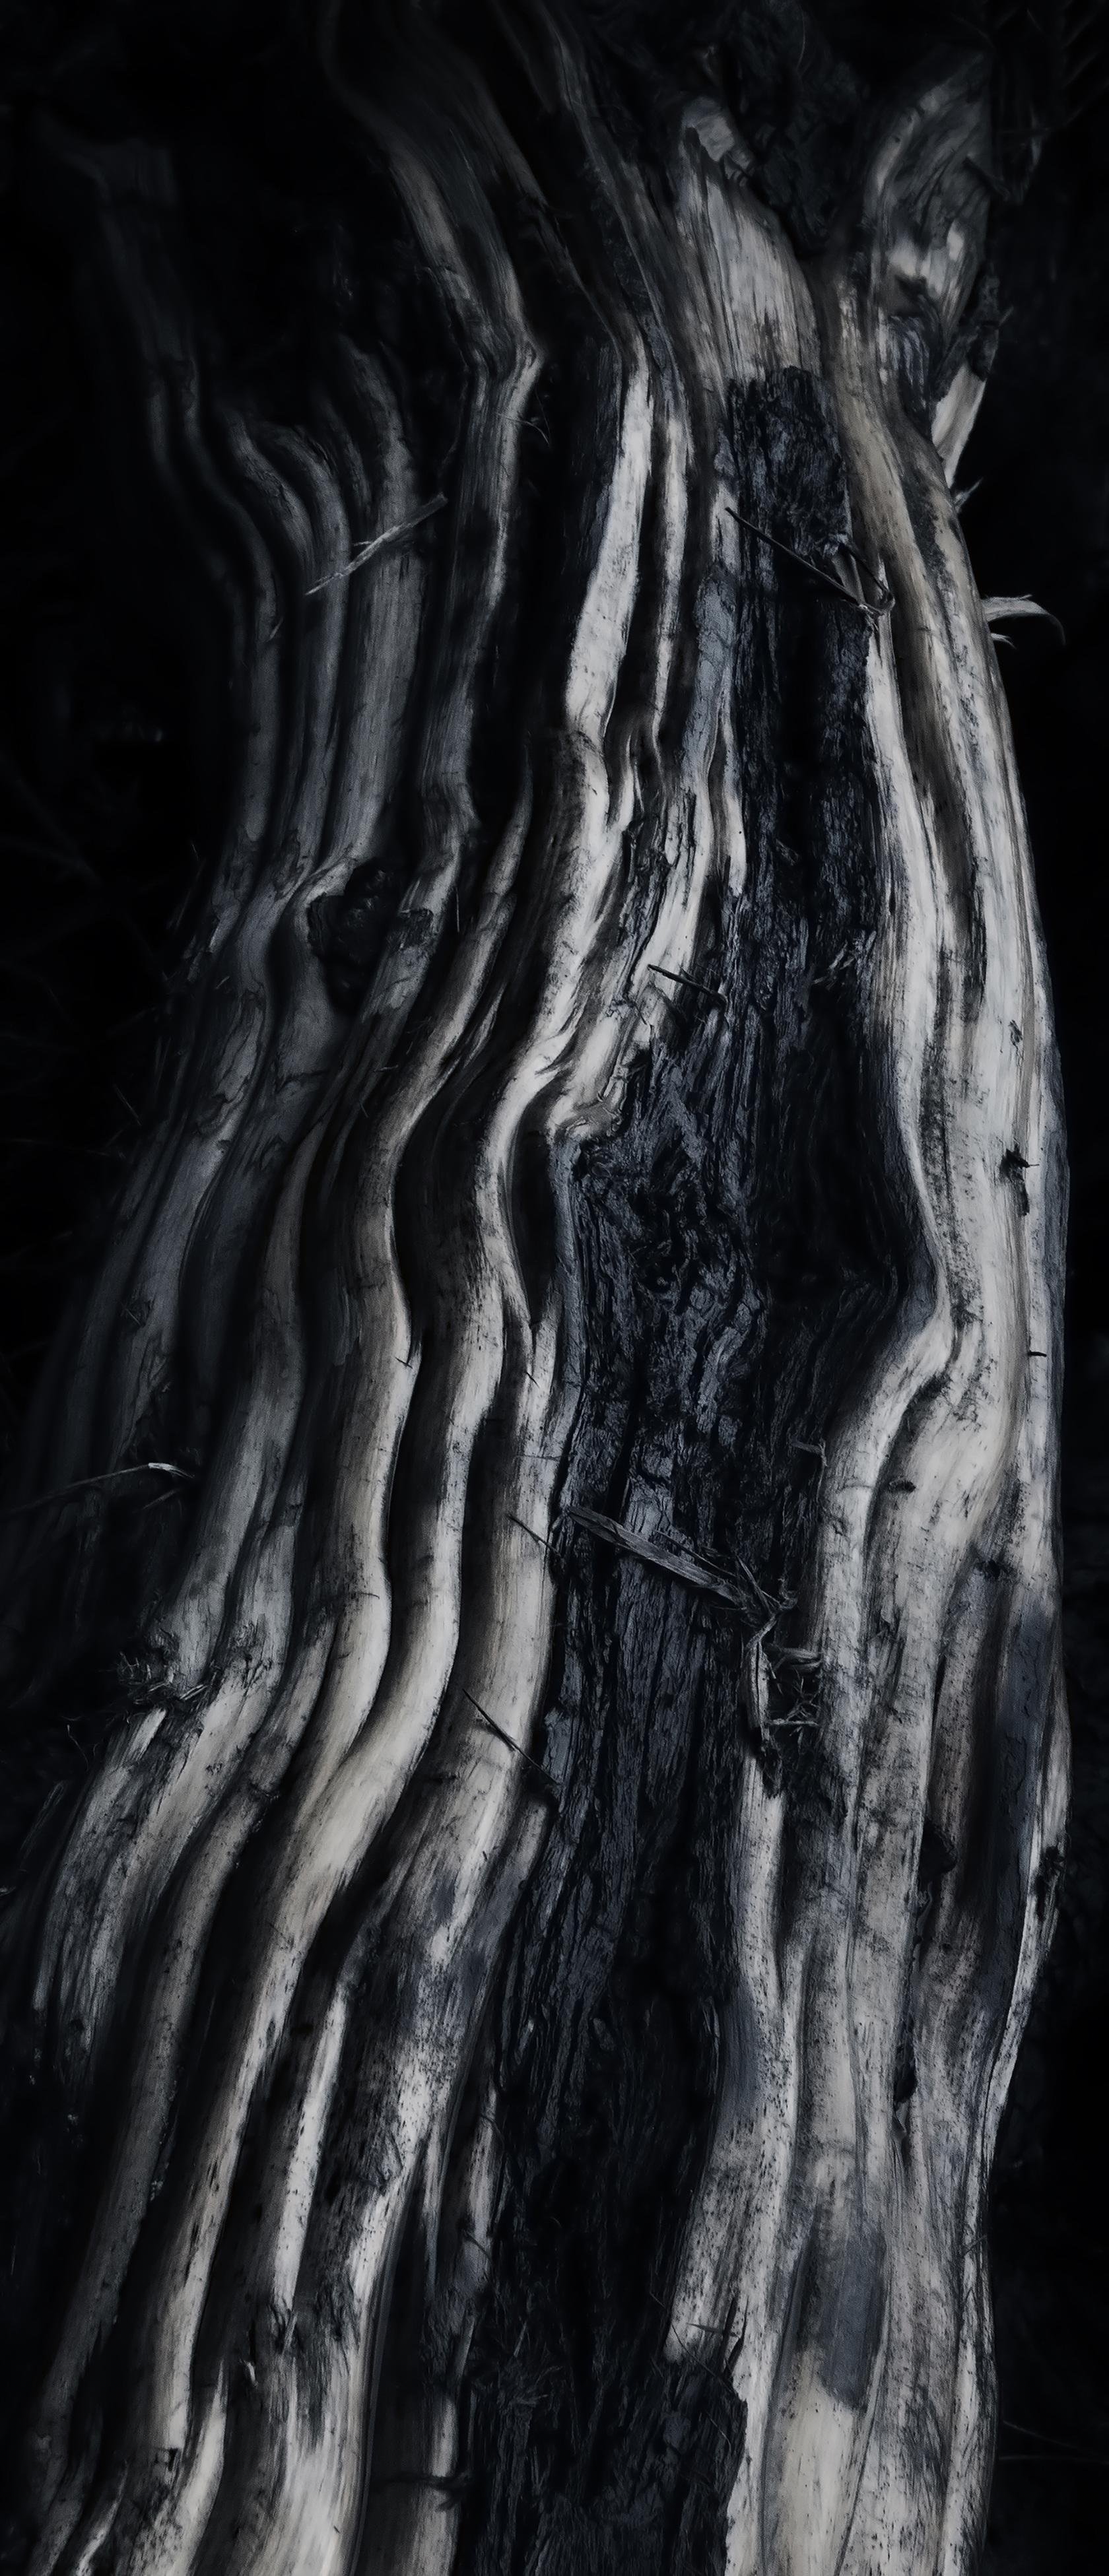 fallen giants photography by jona sees | S/TUDIO